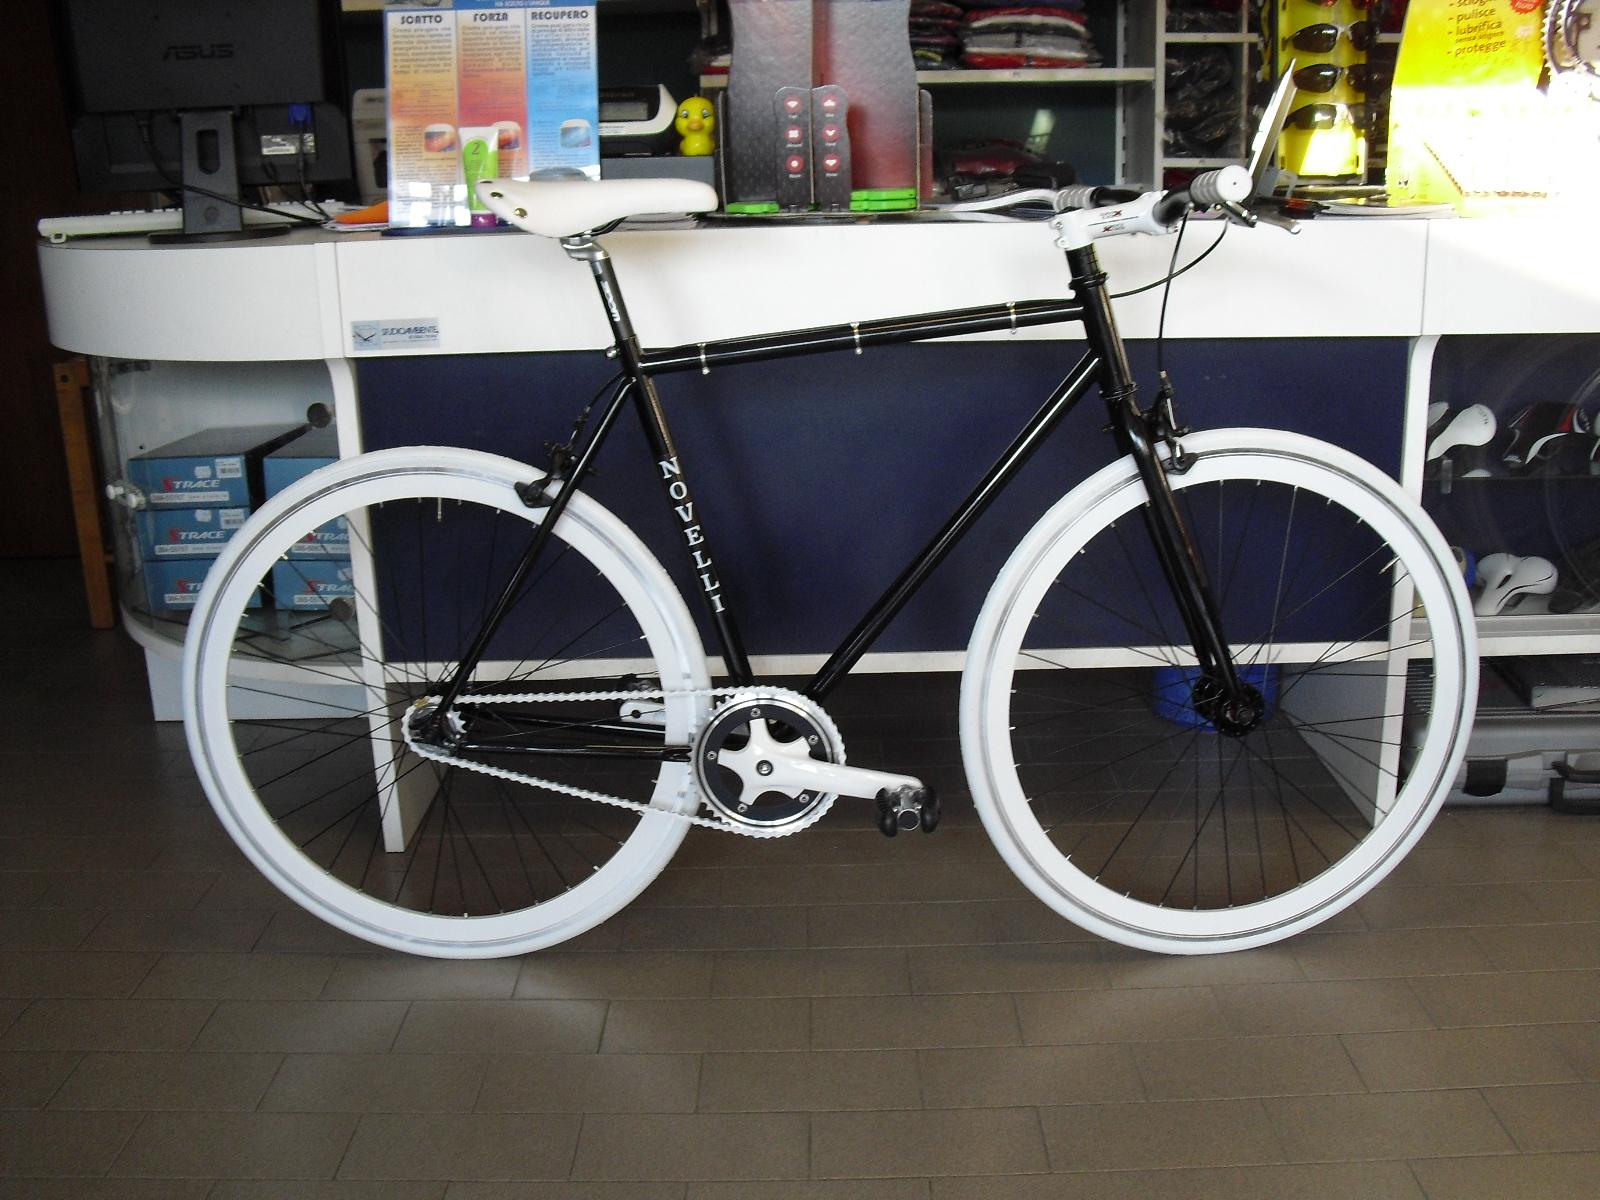 offerte esclusive alta moda negozio CICLINOVELLI.IT - Vendita on-line di bici, accessori e tutto per ...